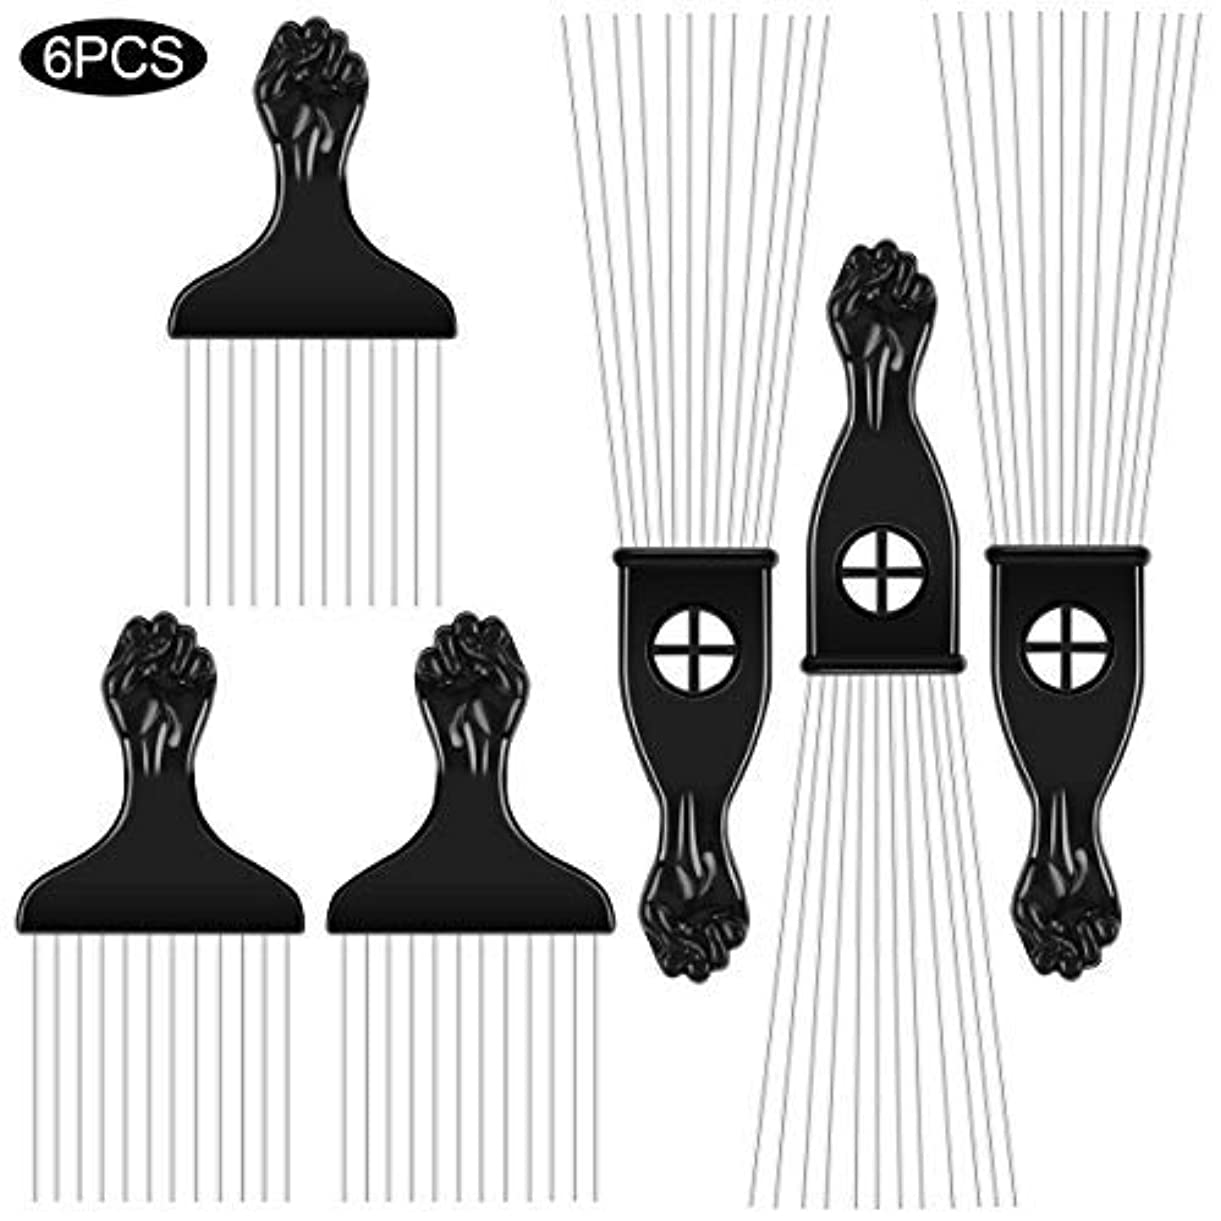 梨冷笑する敬の念6PCS Afro Combs Metal African American black Fist Pick Comb Hairdressing Styling Tool [並行輸入品]